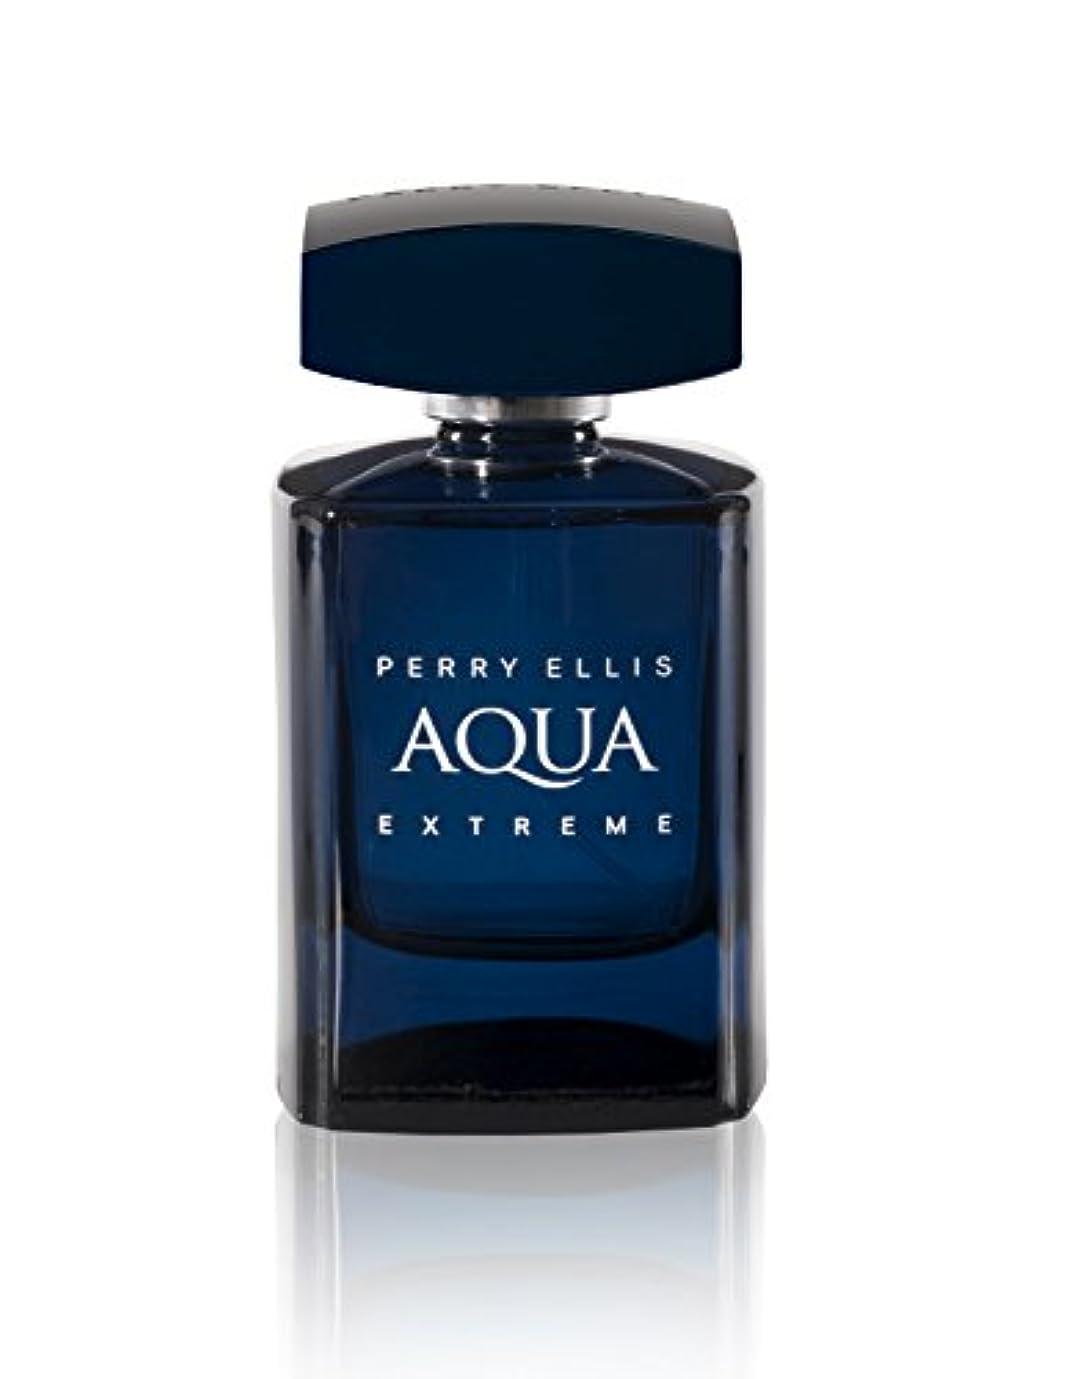 育成子猫ベーコンPerry Ellis Aqua Extreme 100ml/3.4oz Eau de Toilette Spray EDT Cologne for Men